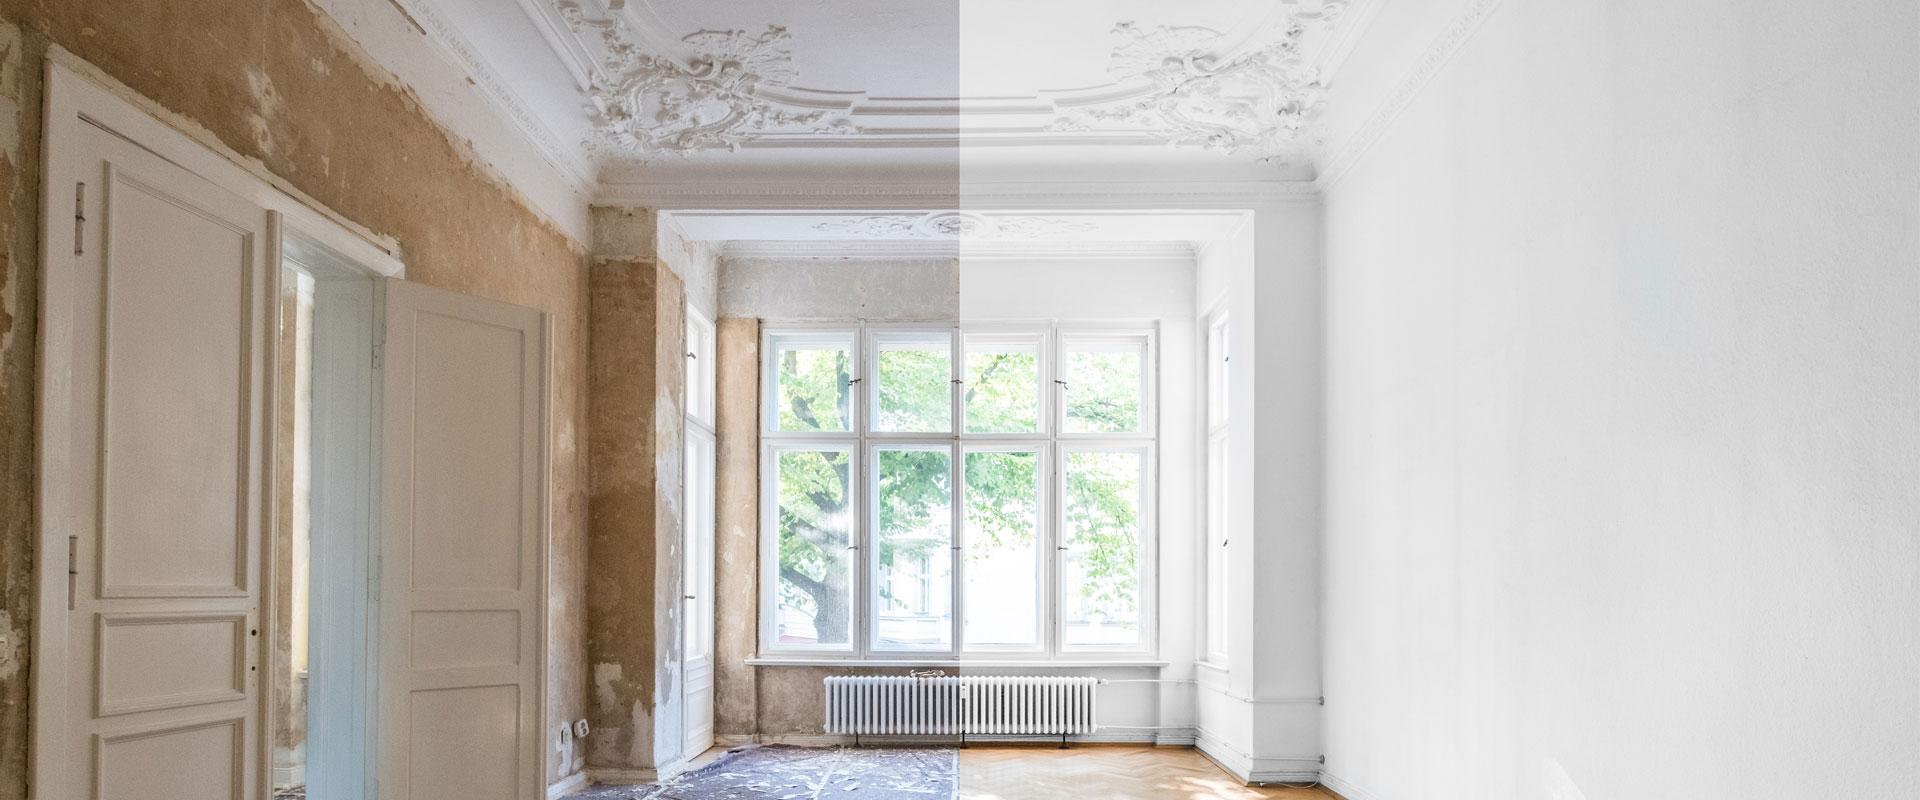 Reconstrução ou reabilitação de casas antigas? Por onde começar?